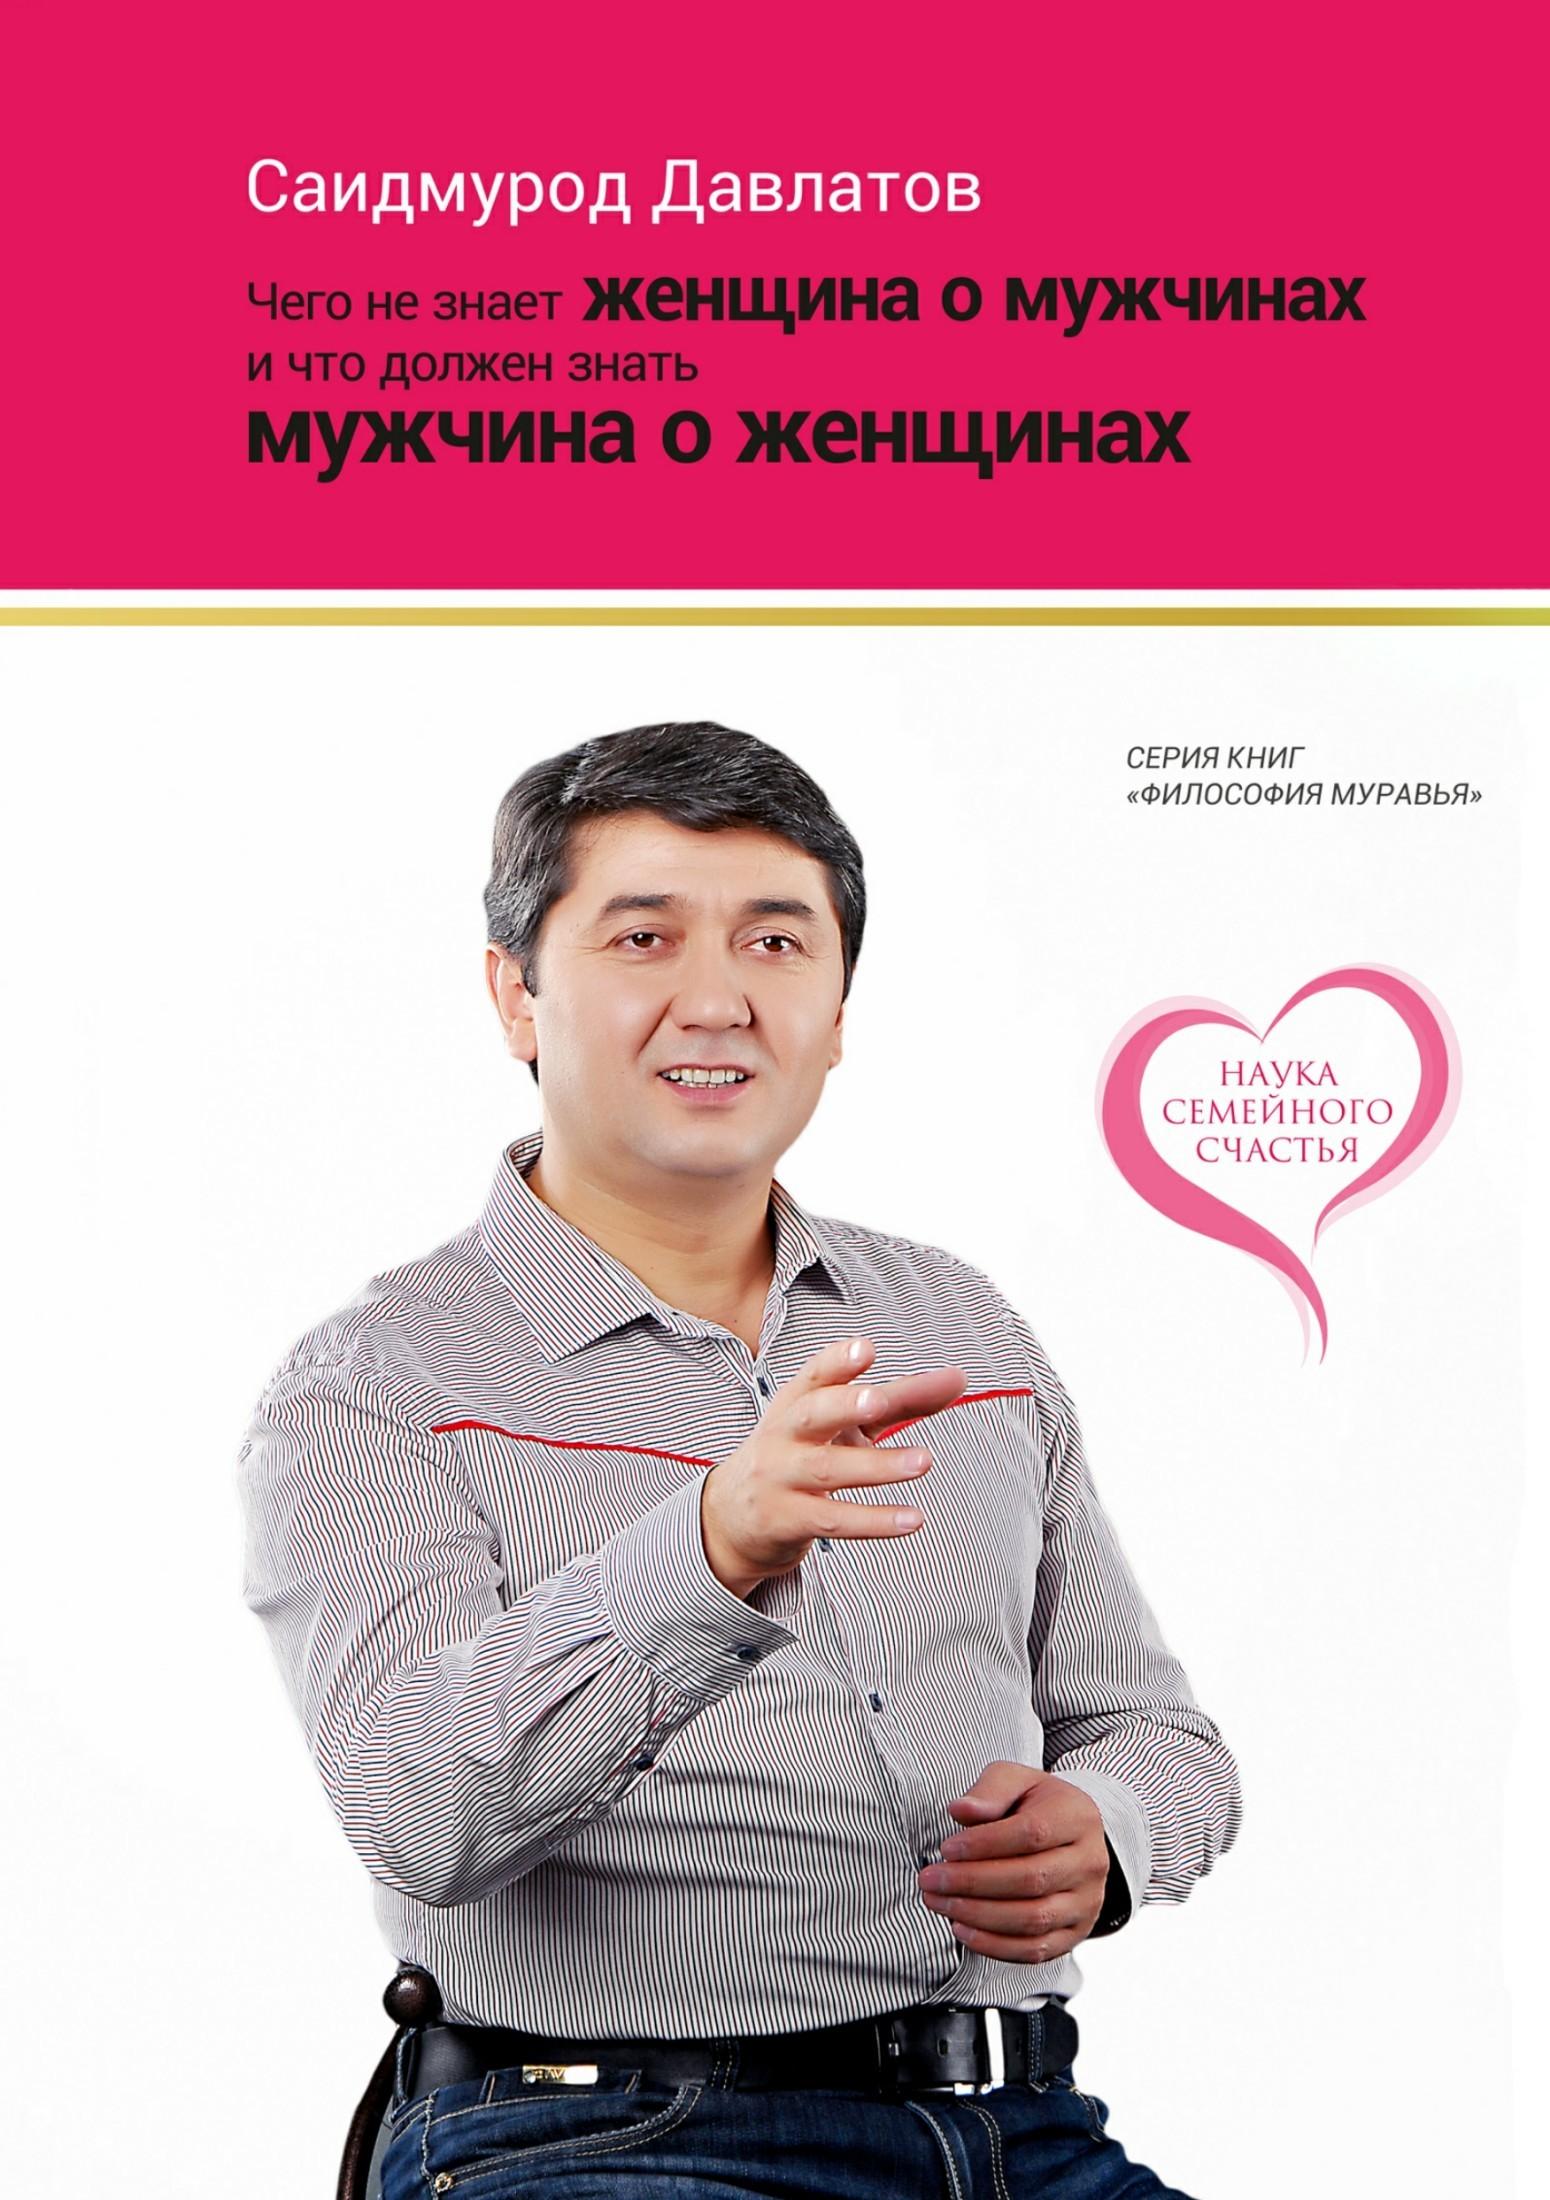 Саидмурод Давлатов - Чего не знает женщина о мужчинах и что должен знать мужчина о женщинах